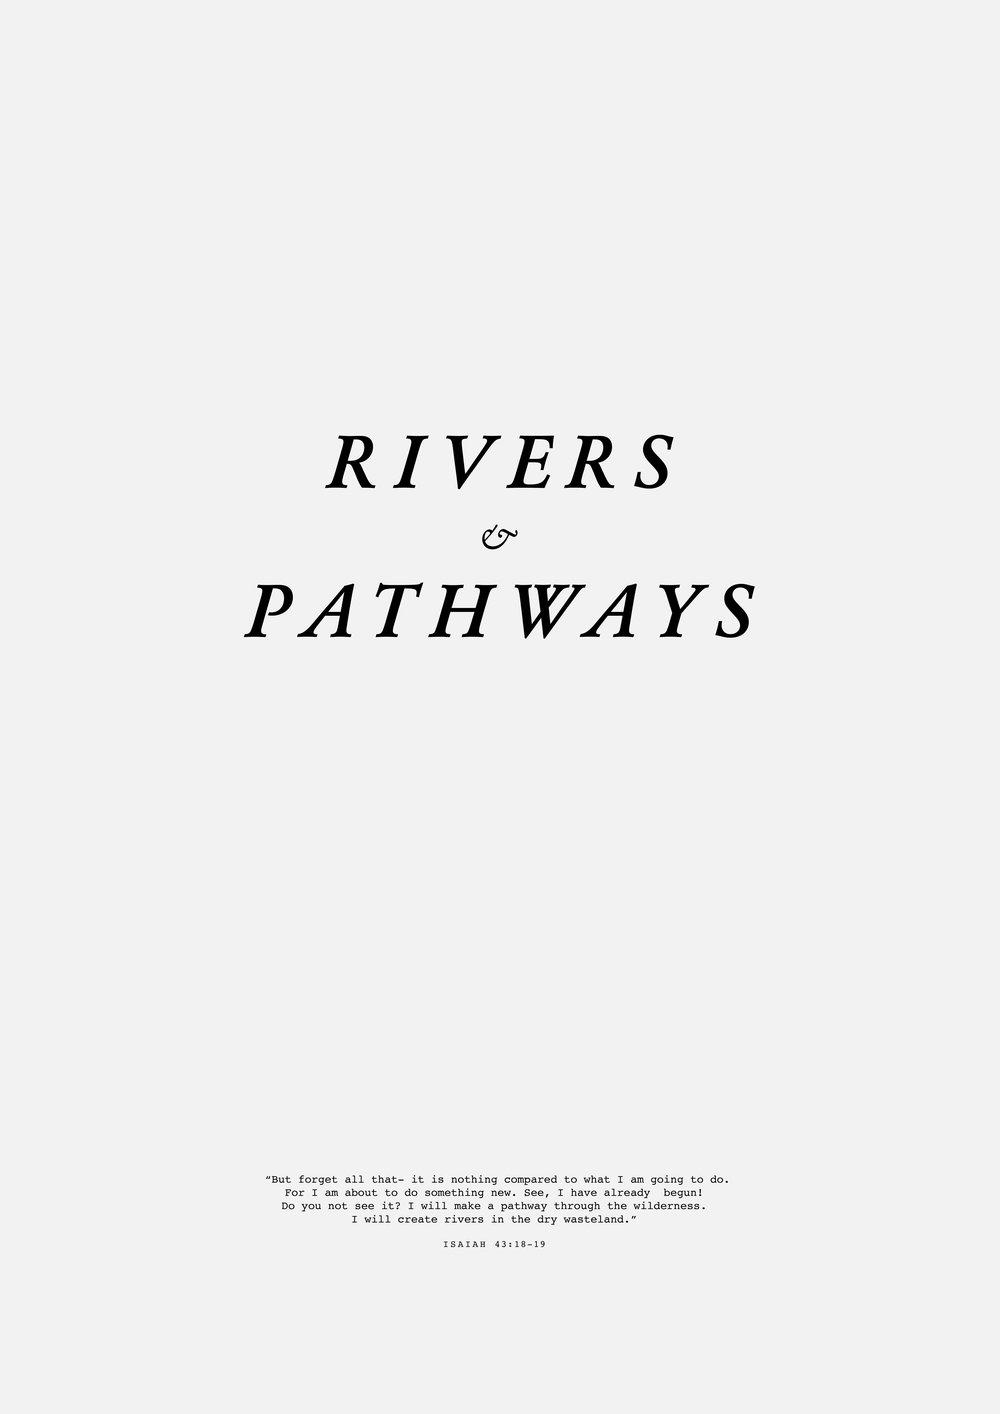 RiversA4.jpg